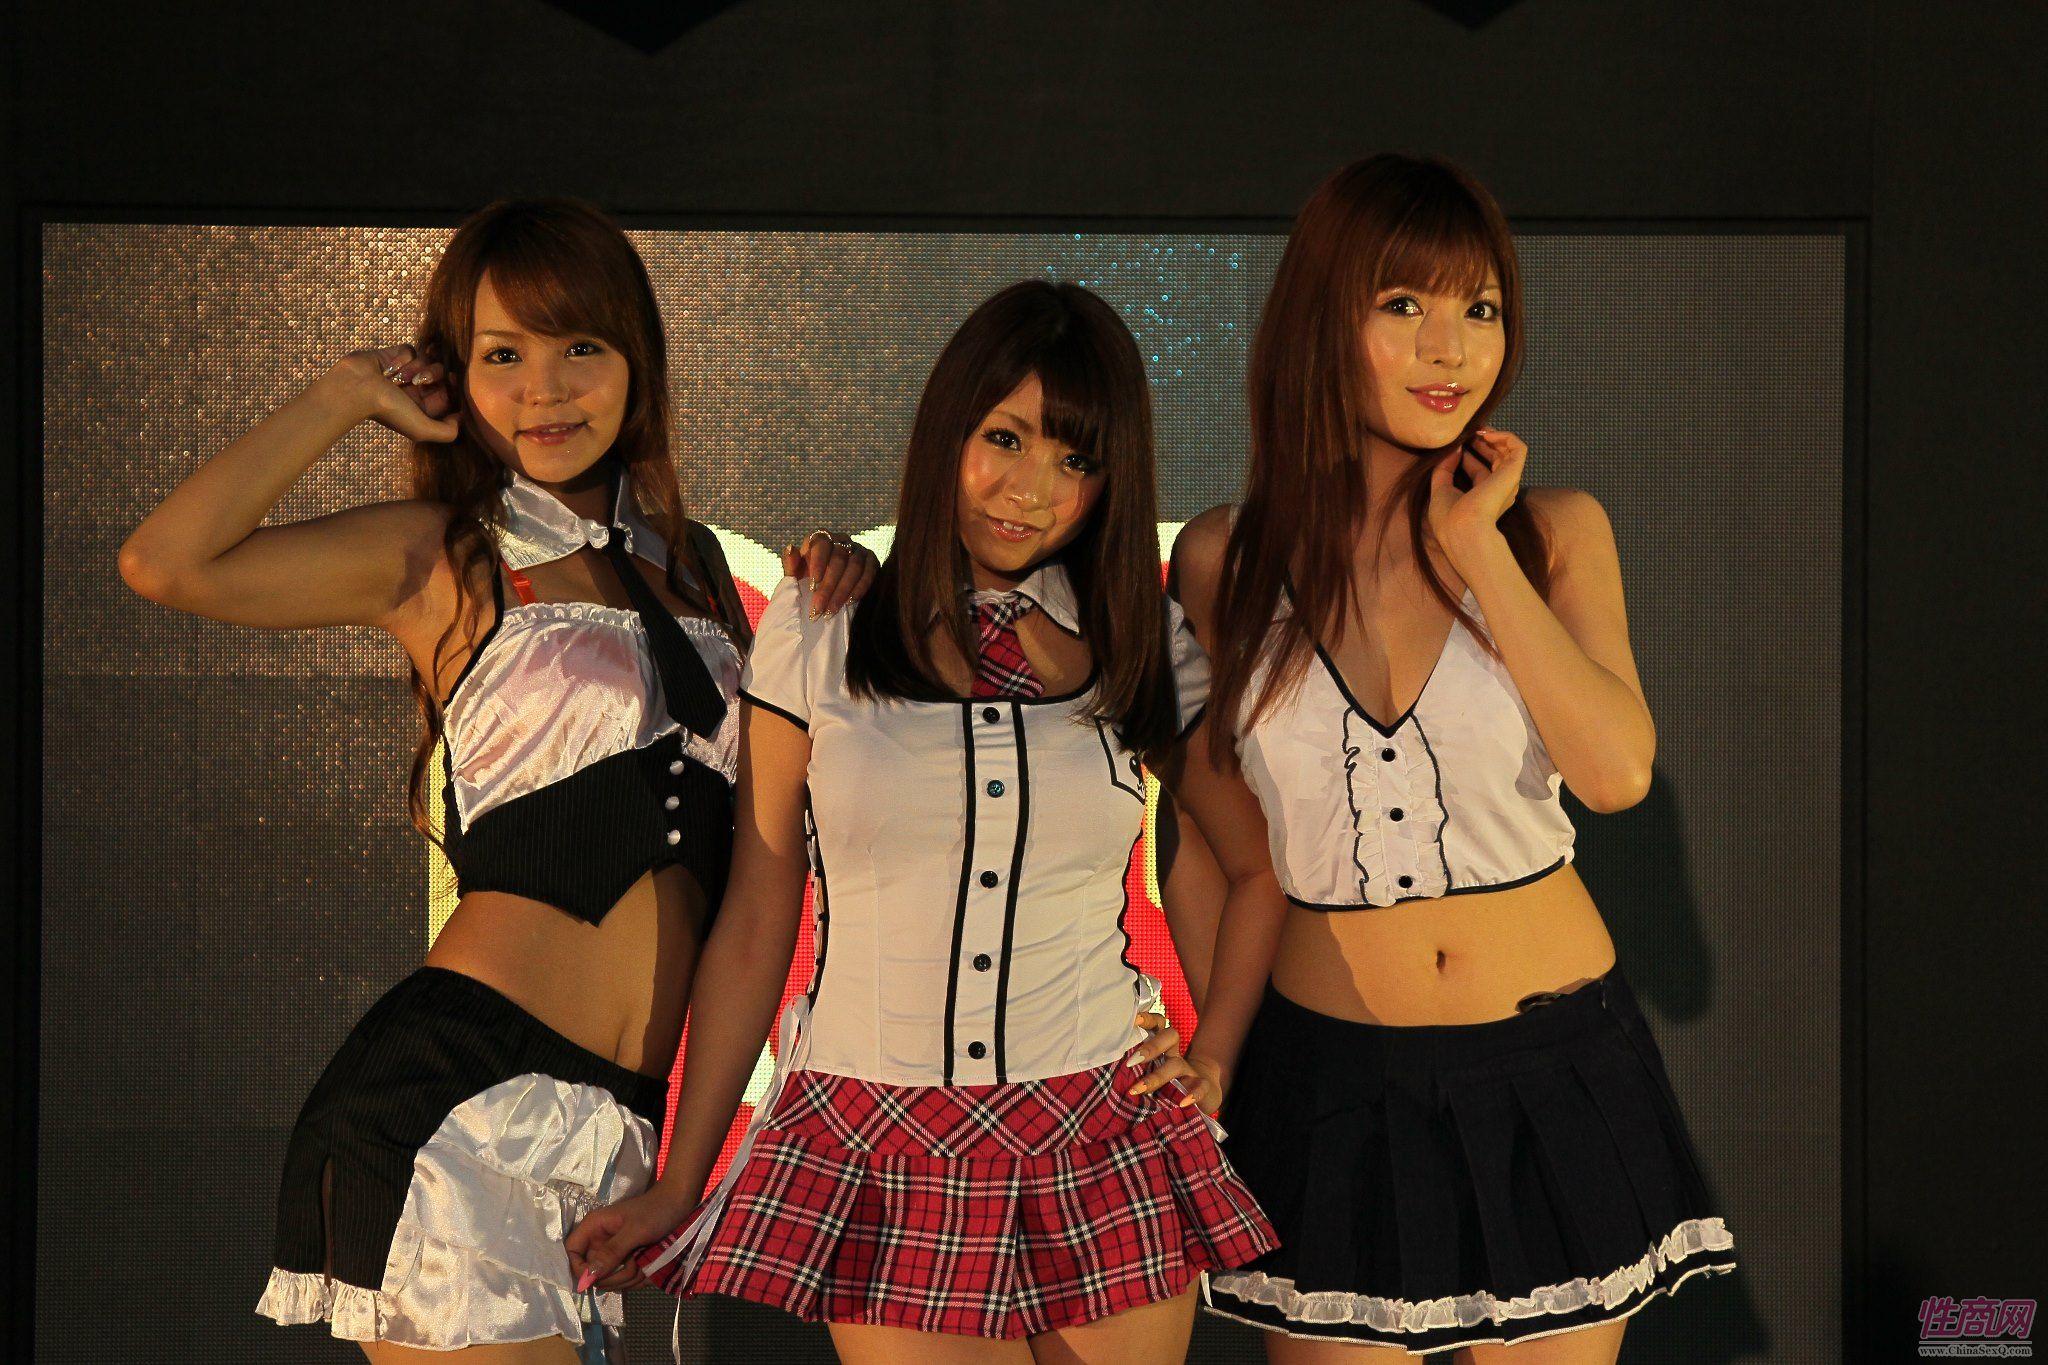 2012台湾亚洲成人博览女优助阵粉丝尖叫图片3